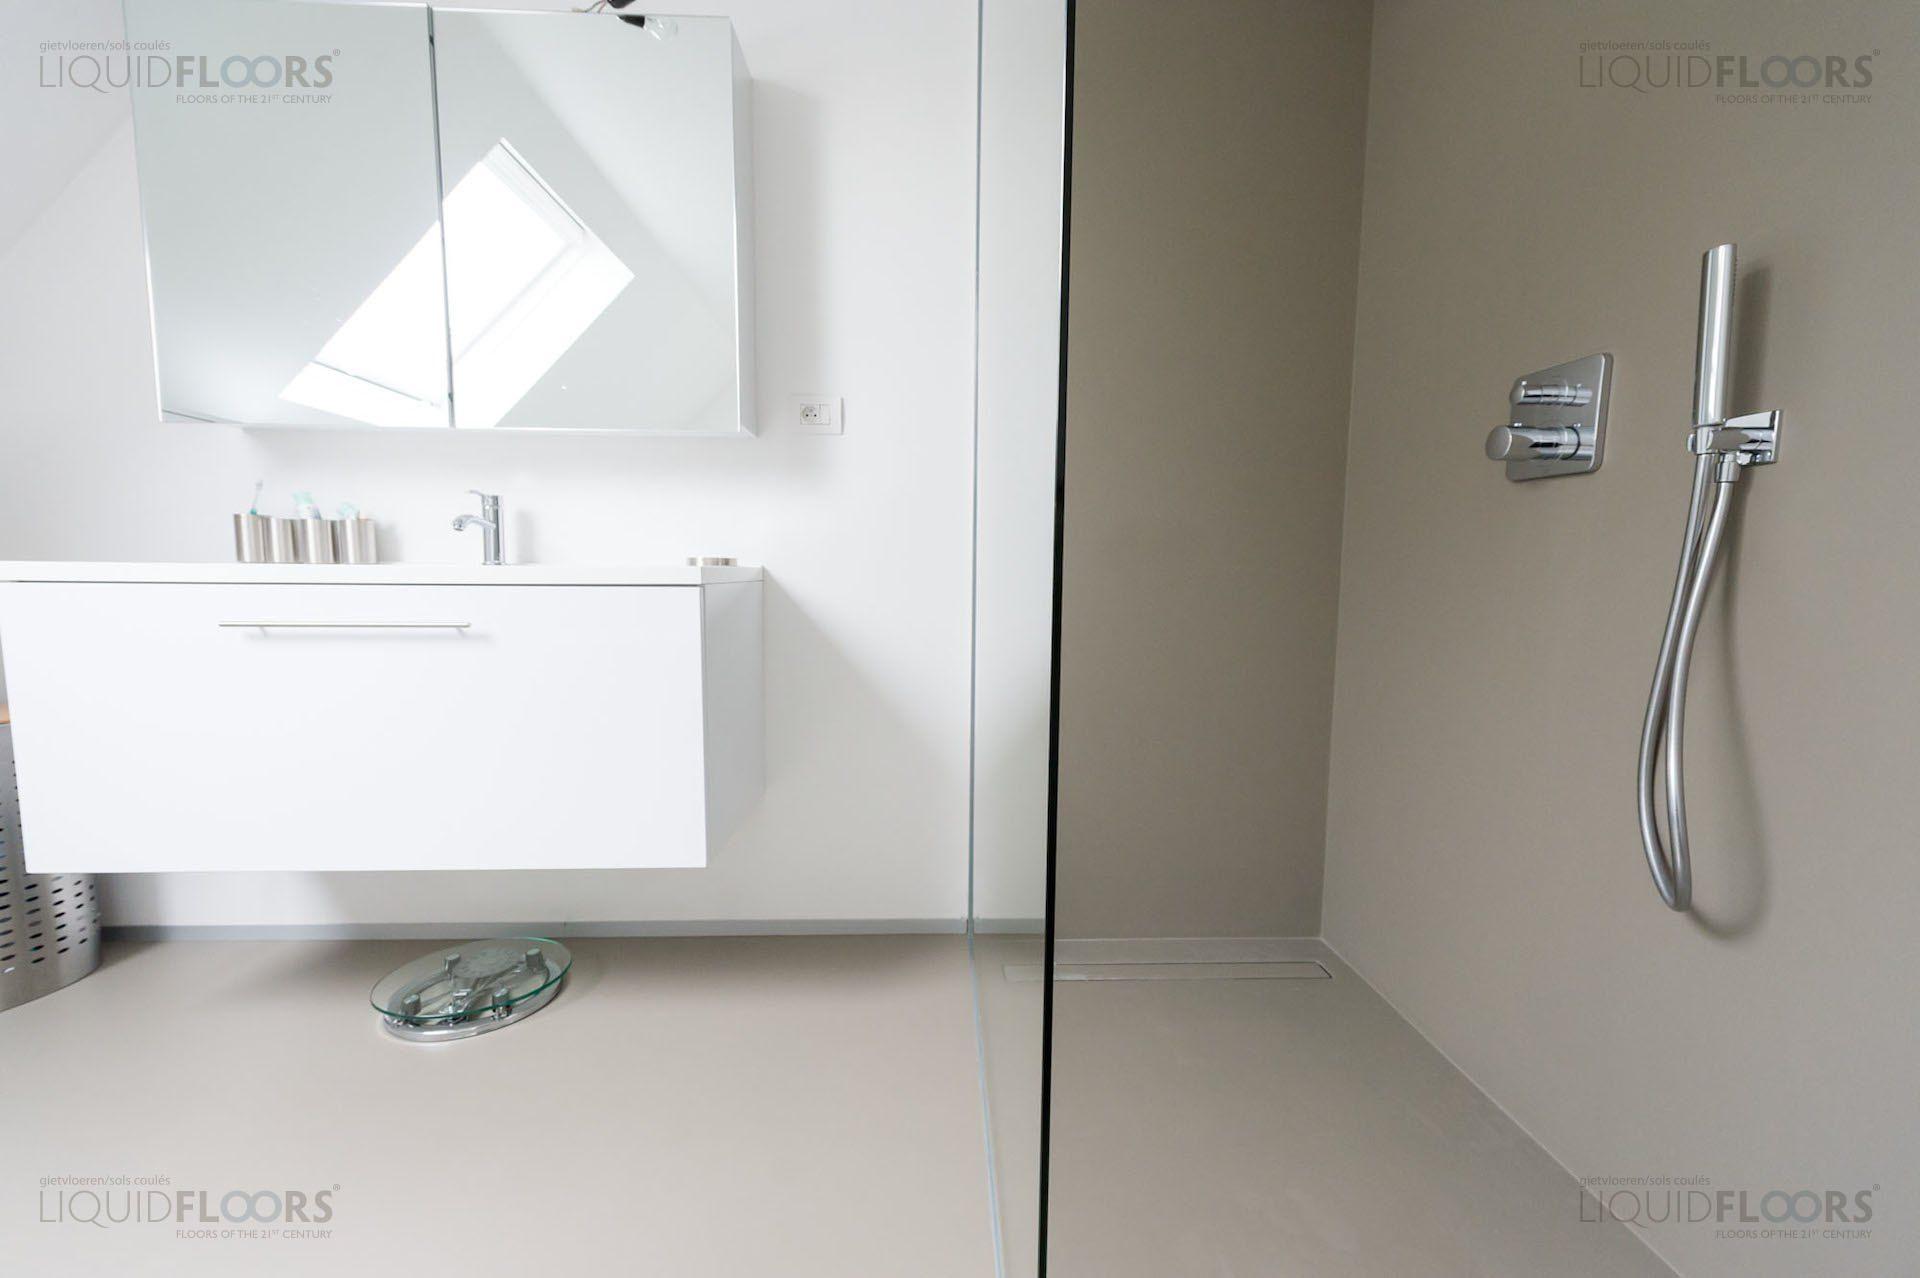 badkamer: liquid floors and walls